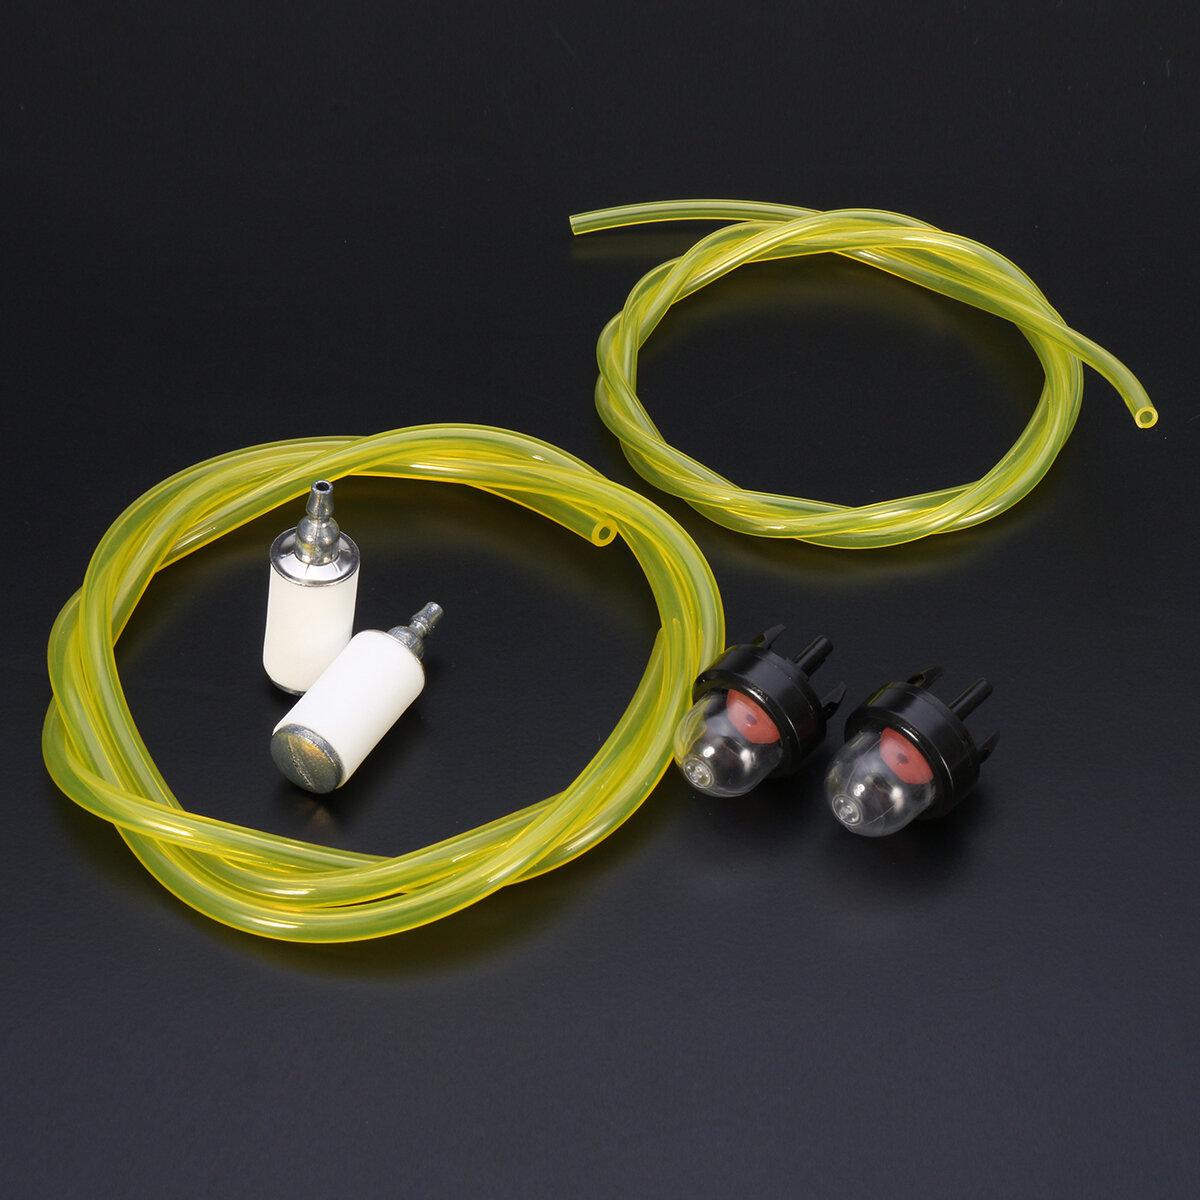 hight resolution of carburetor primer bulb 3 feet fuel gas line fuel filter for mcculloch husqvarna stihl